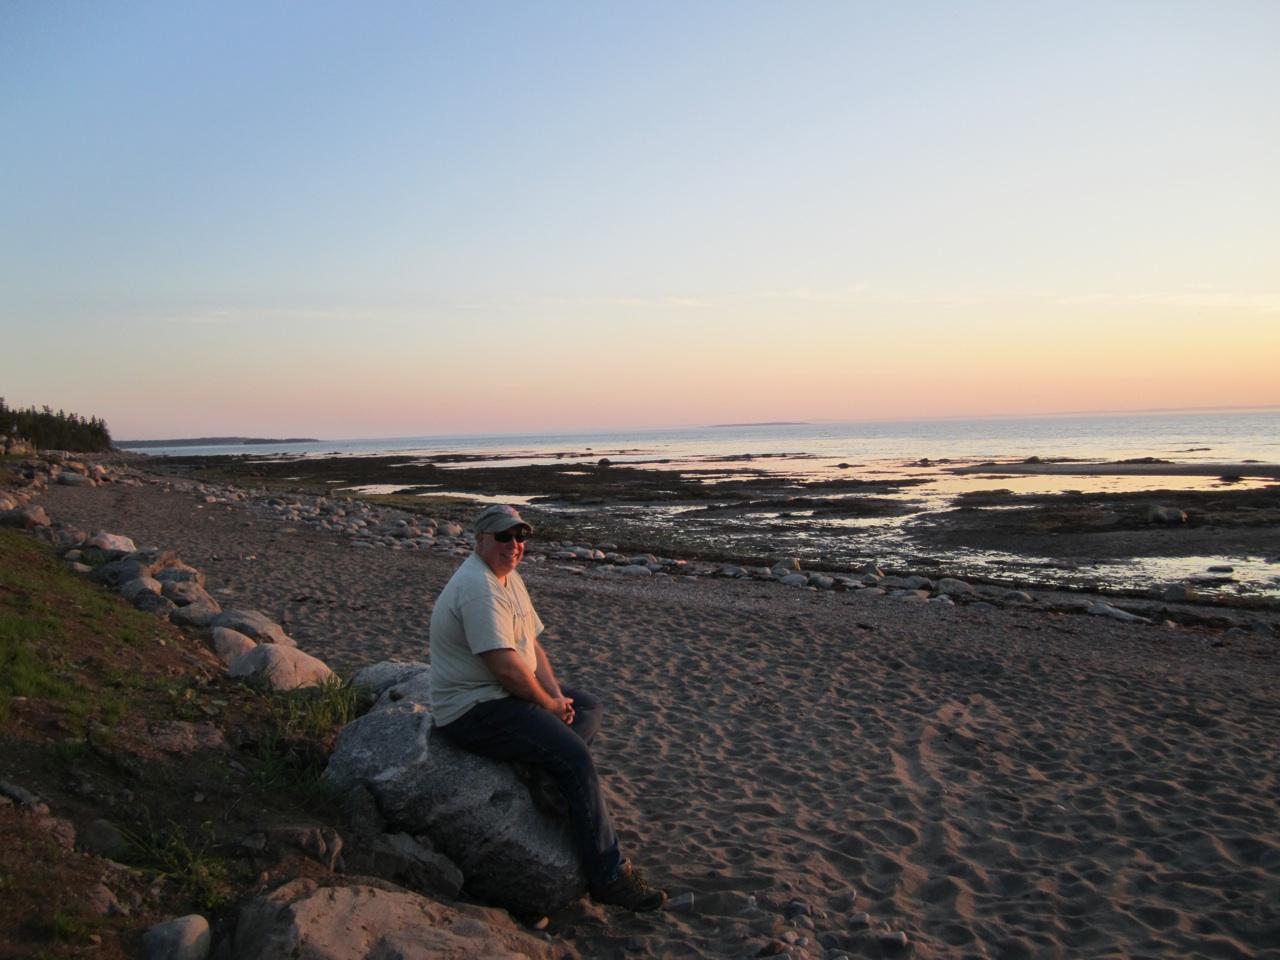 David Sitting And Enjoying The Sunset